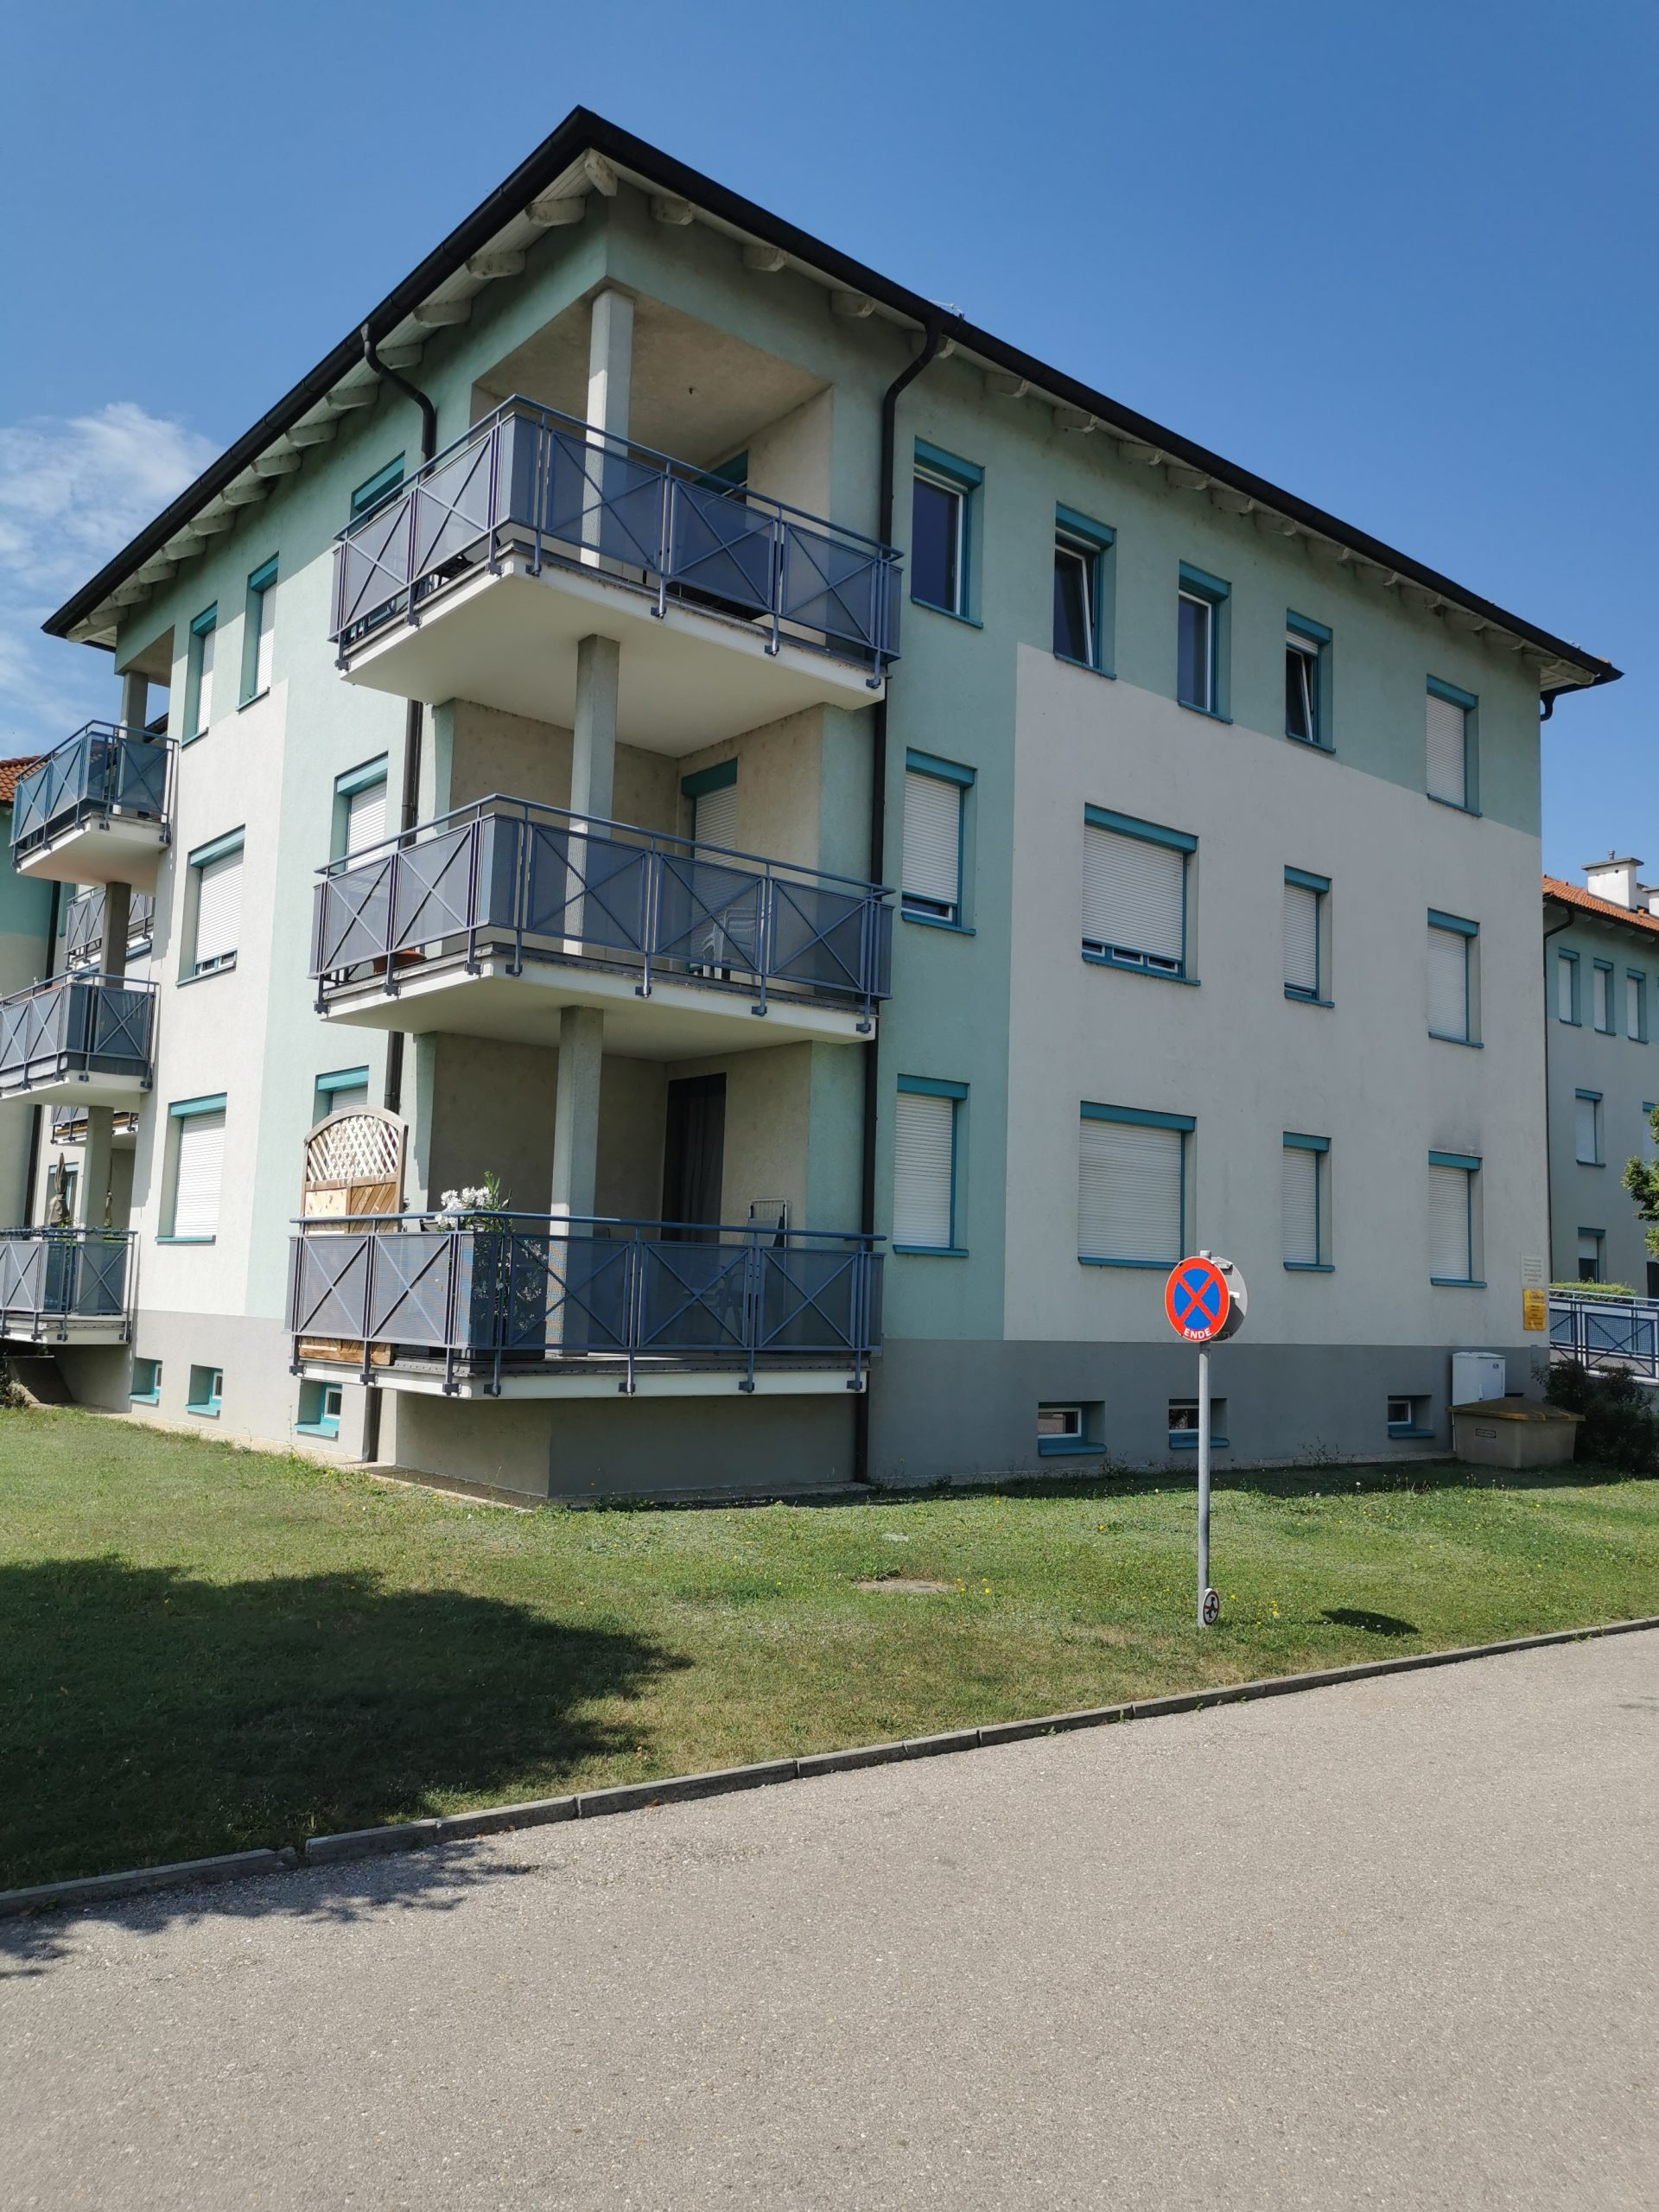 Immobilie von Kamptal in 2136 Laa an der Thaya, Mistelbach, Laa/ Thaya V/2 - Top 807 #0